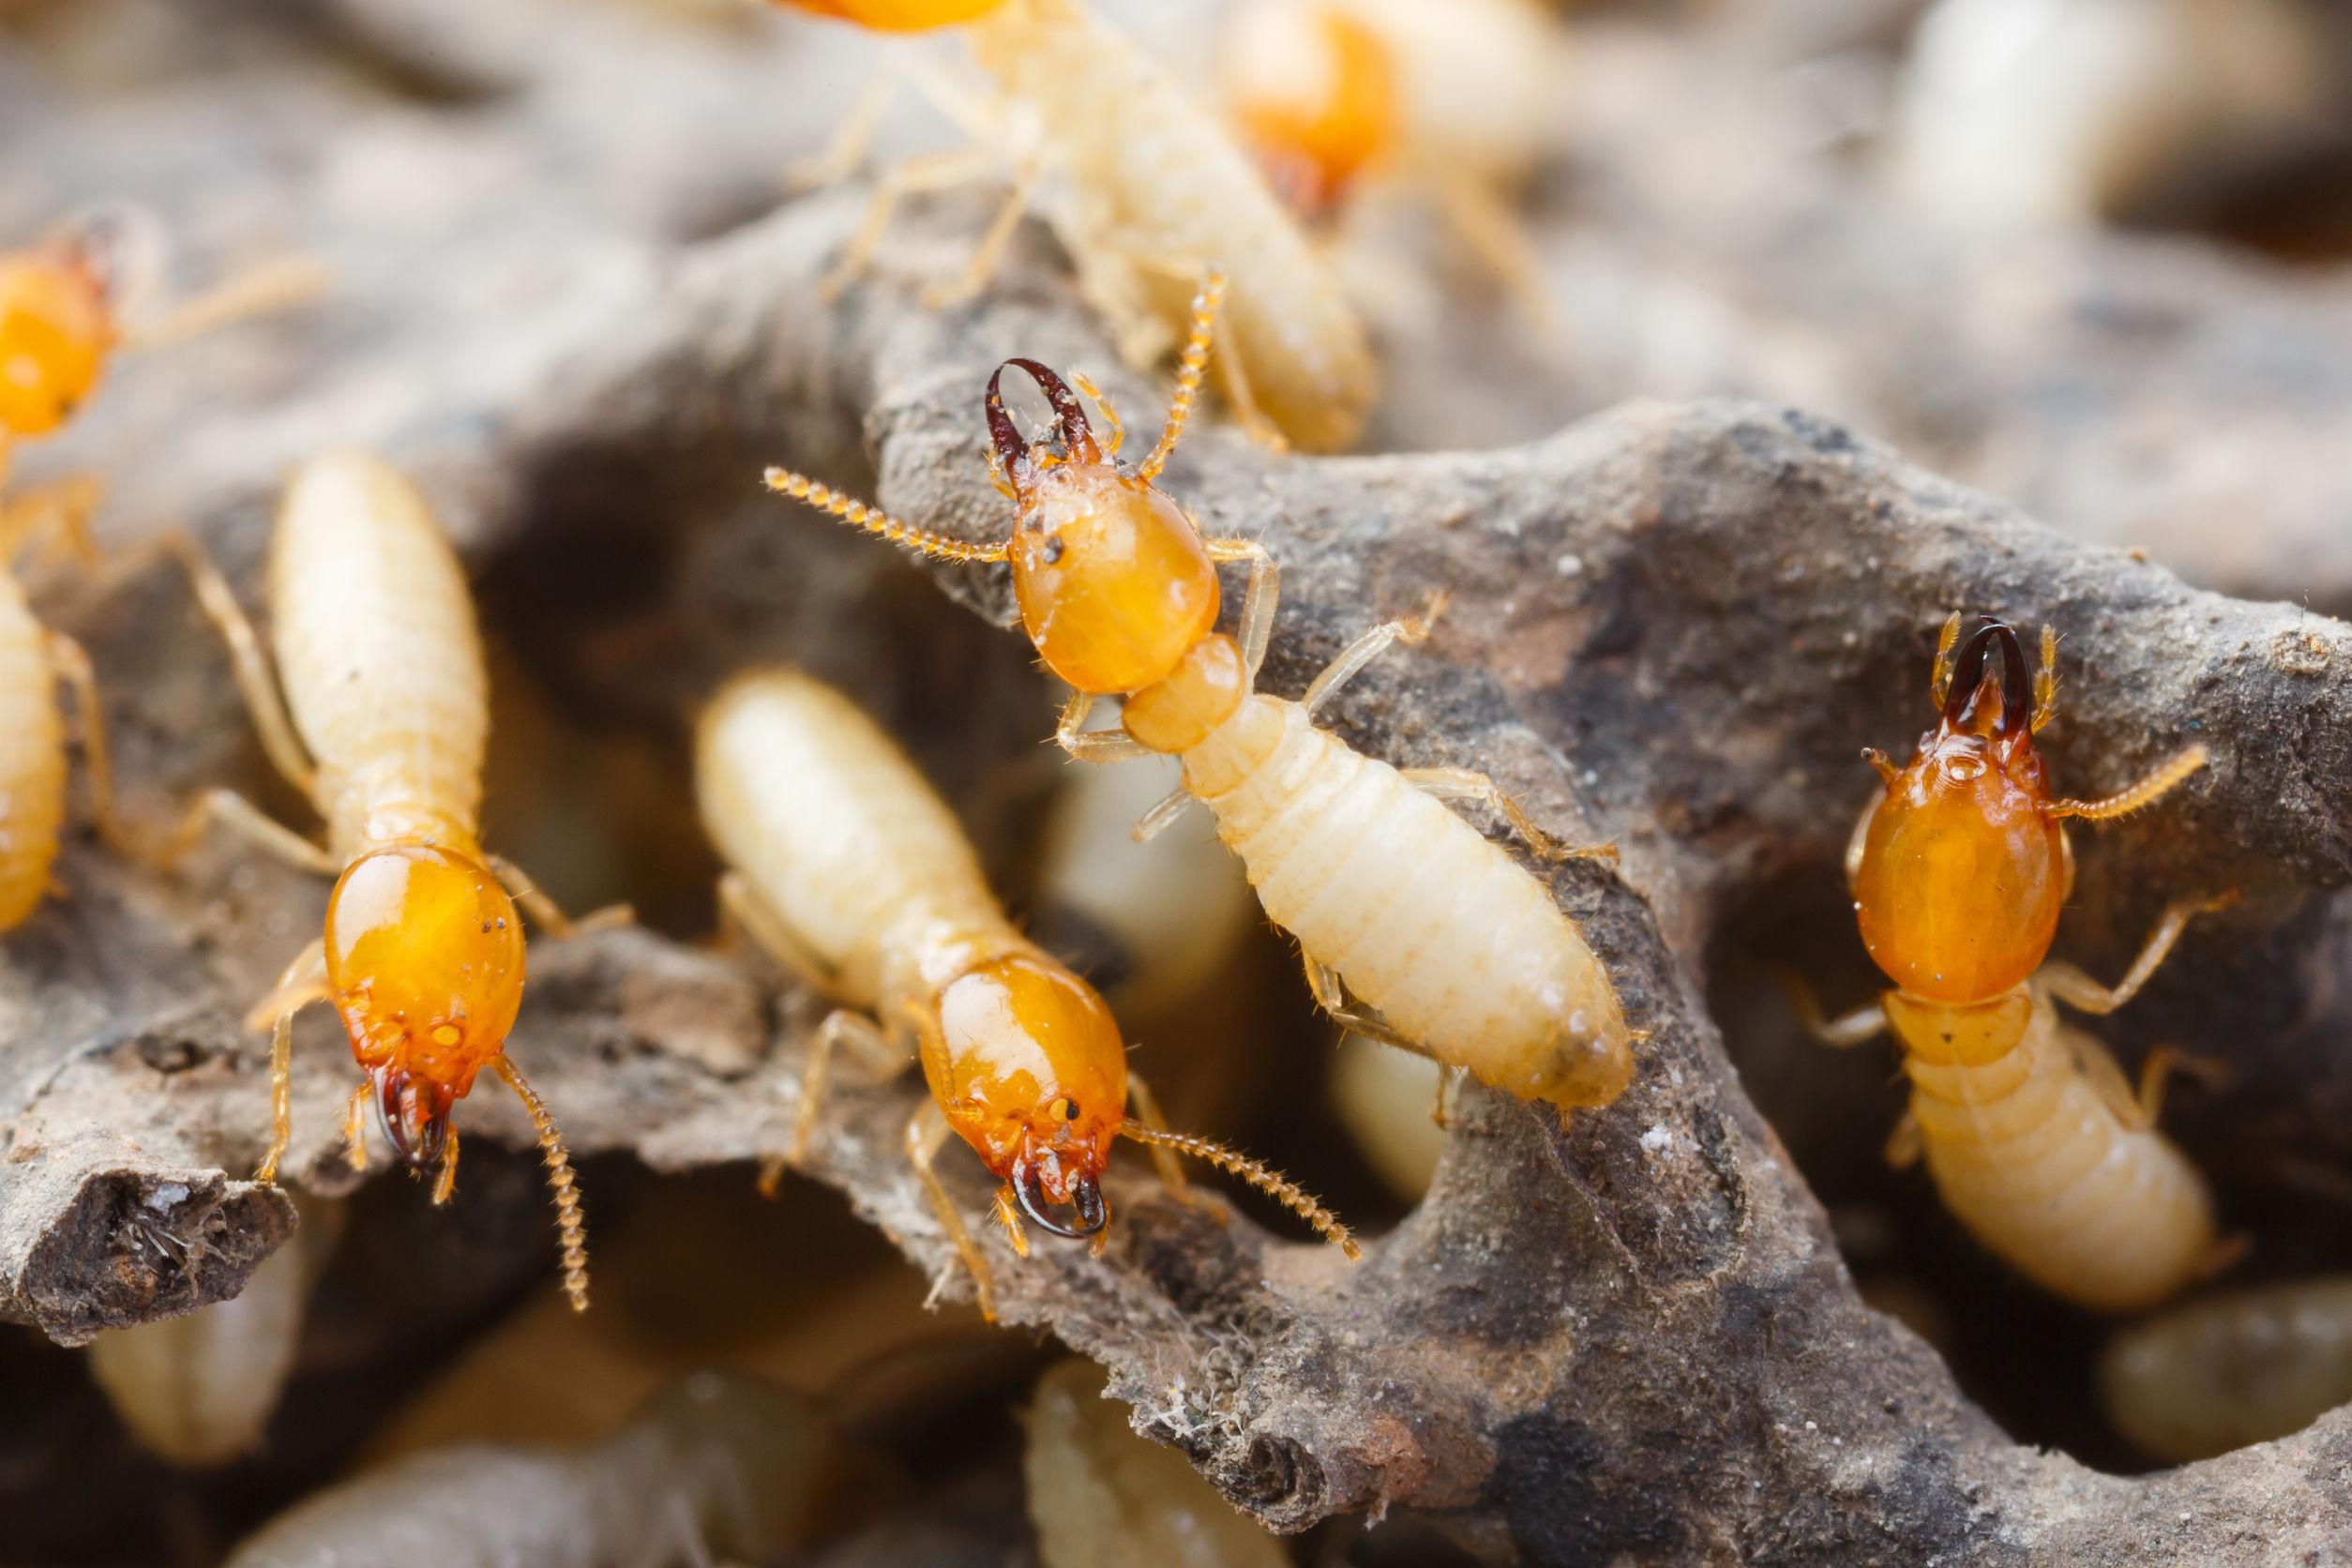 白蚁:如何识别和预防它们